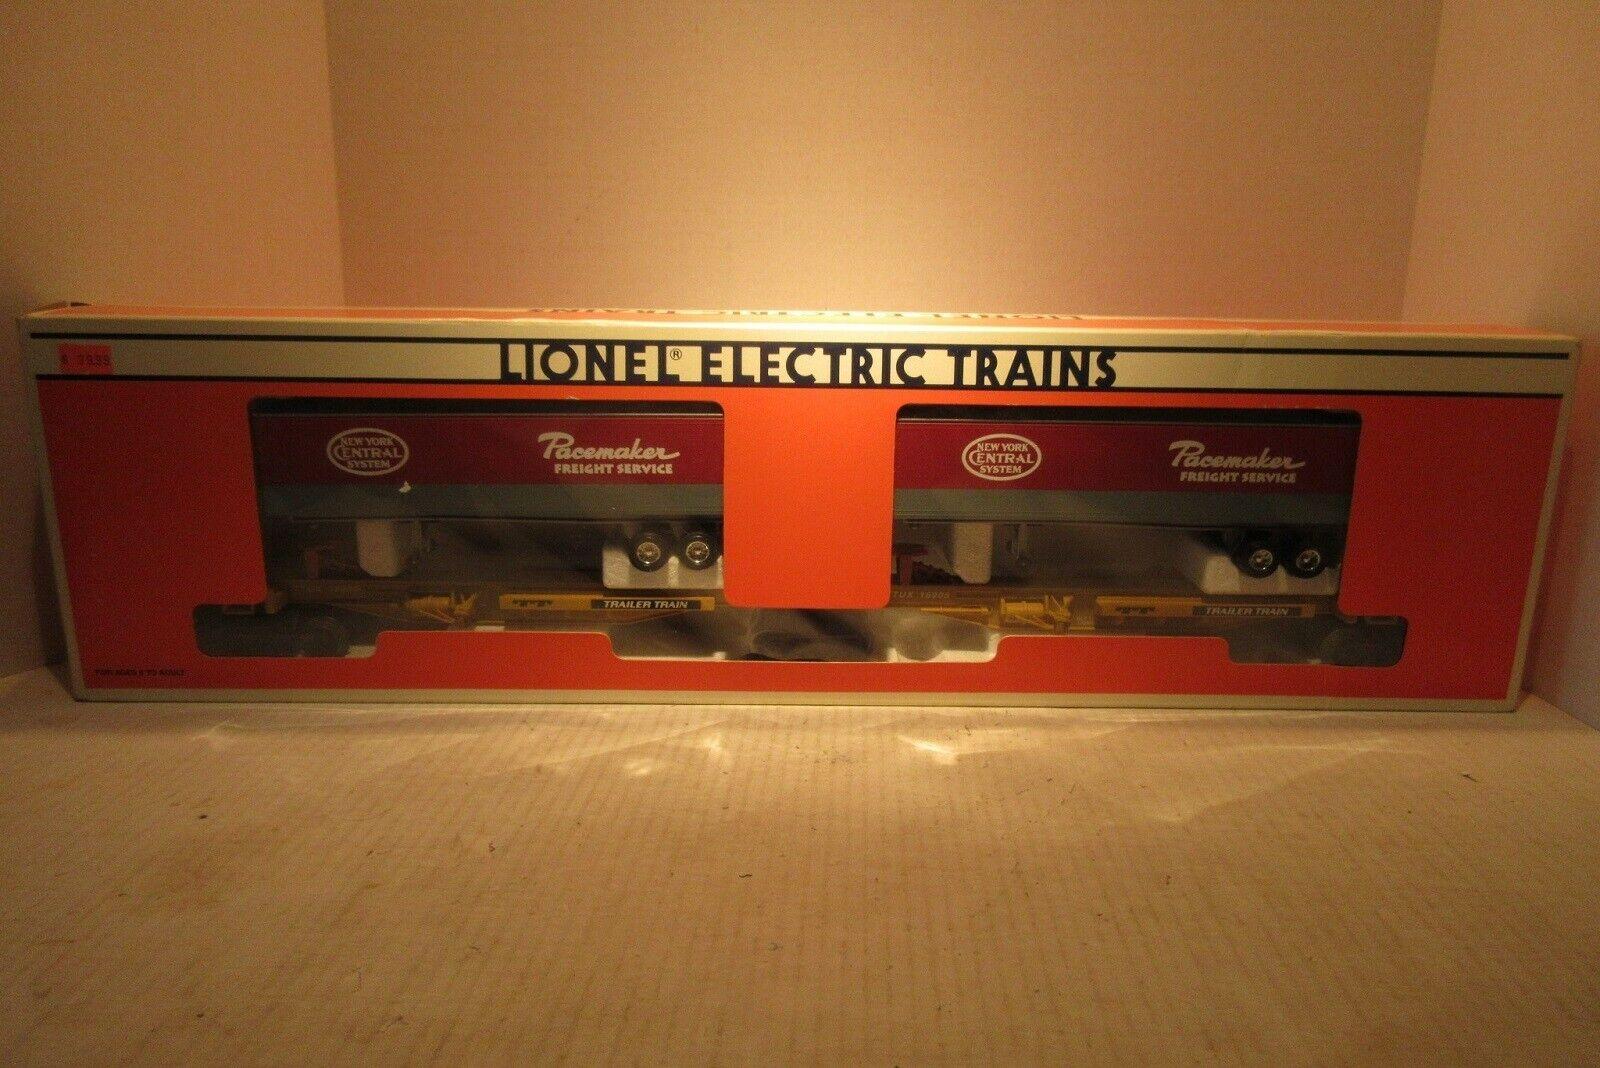 Tren Lionel 6-16904 Nueva York Central t.t.u.x. marcapasos de servicios de envío o y O27